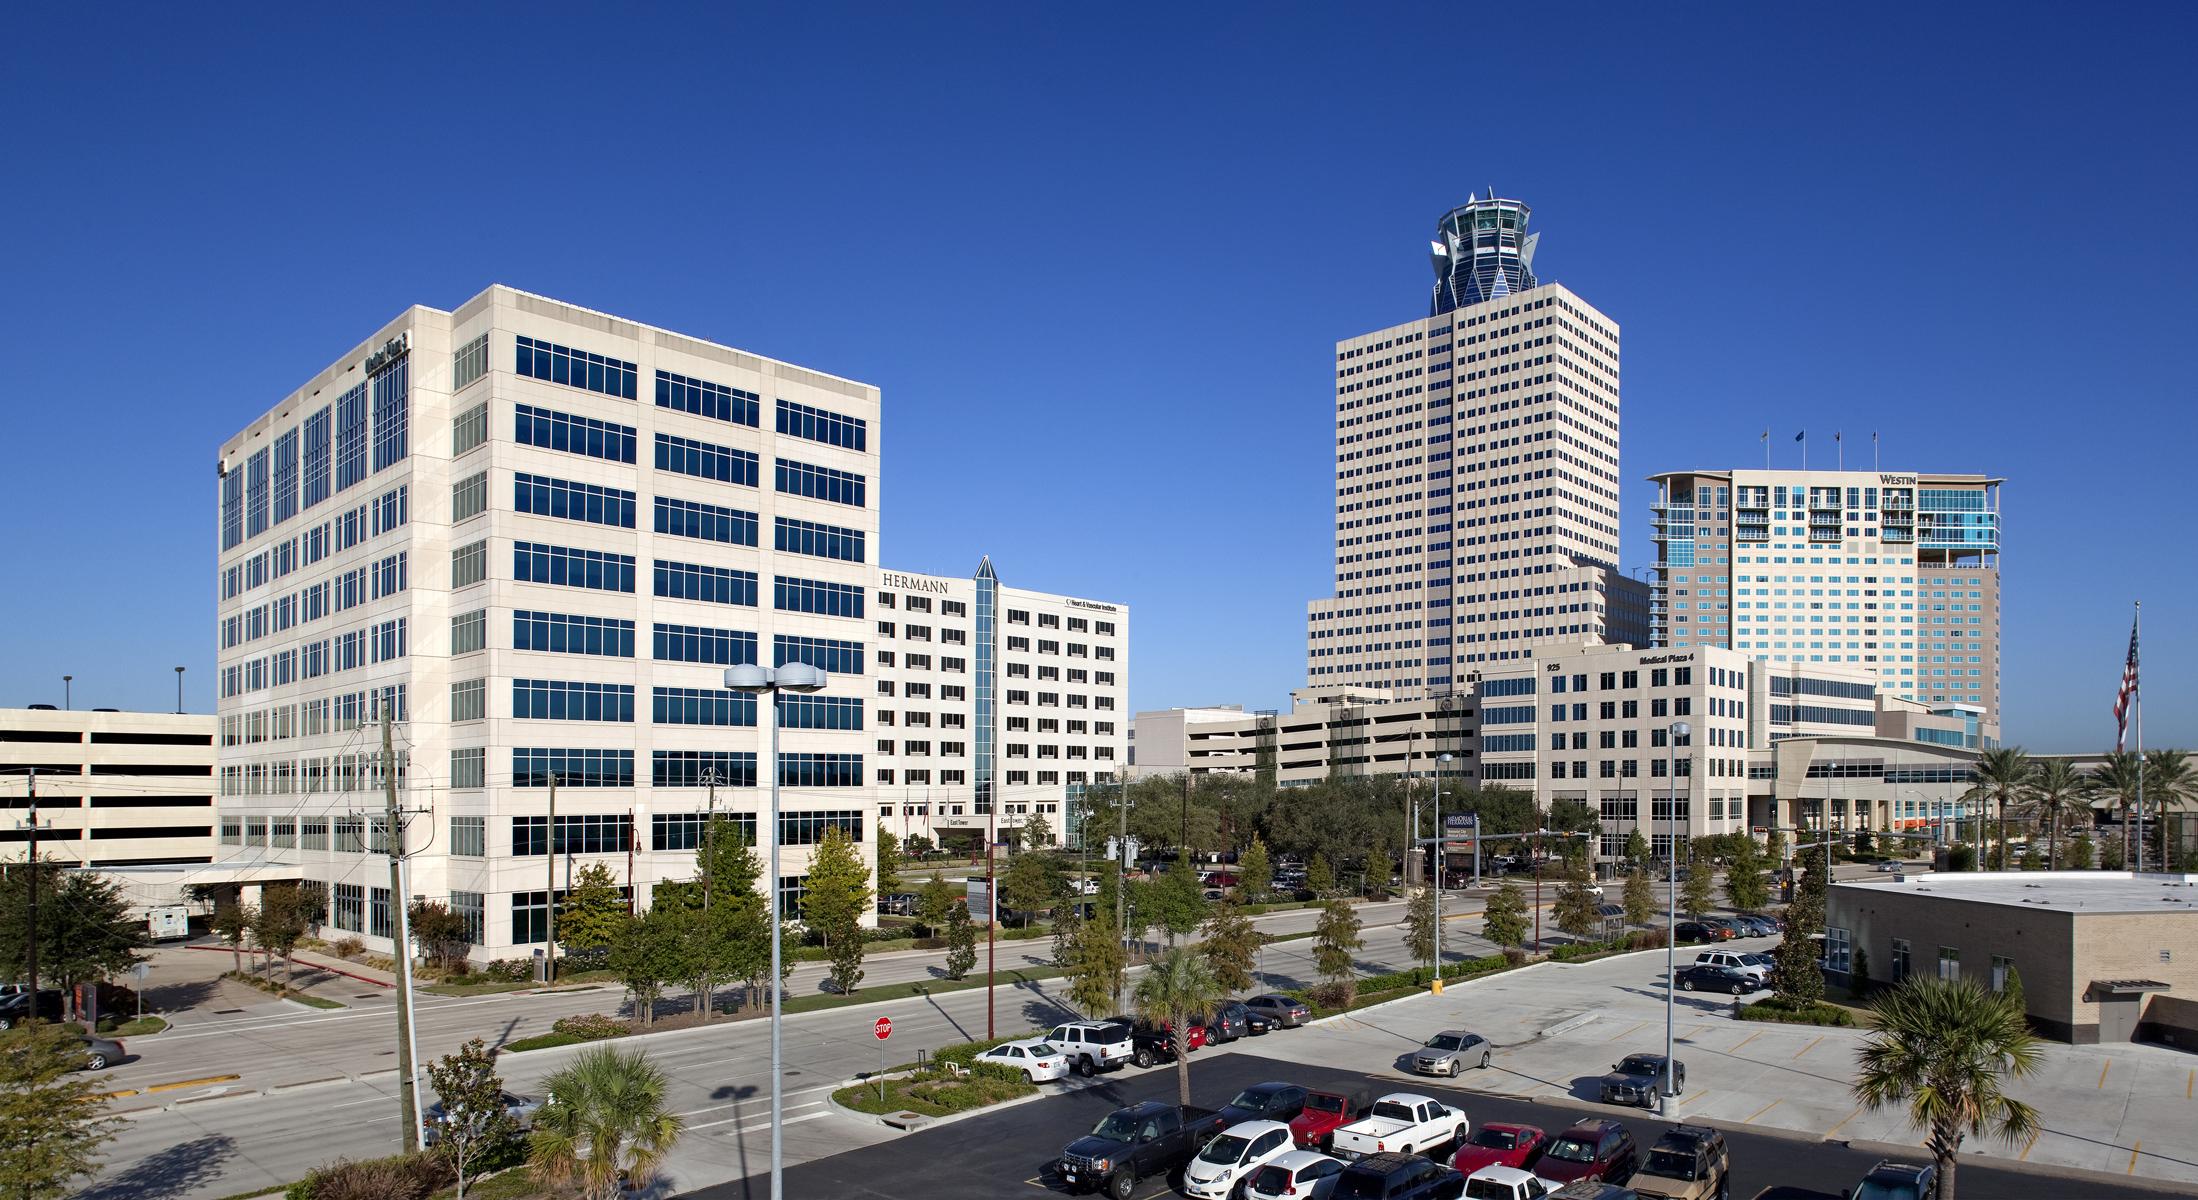 Memorial Hermann Memorial City Medical Center (Houston